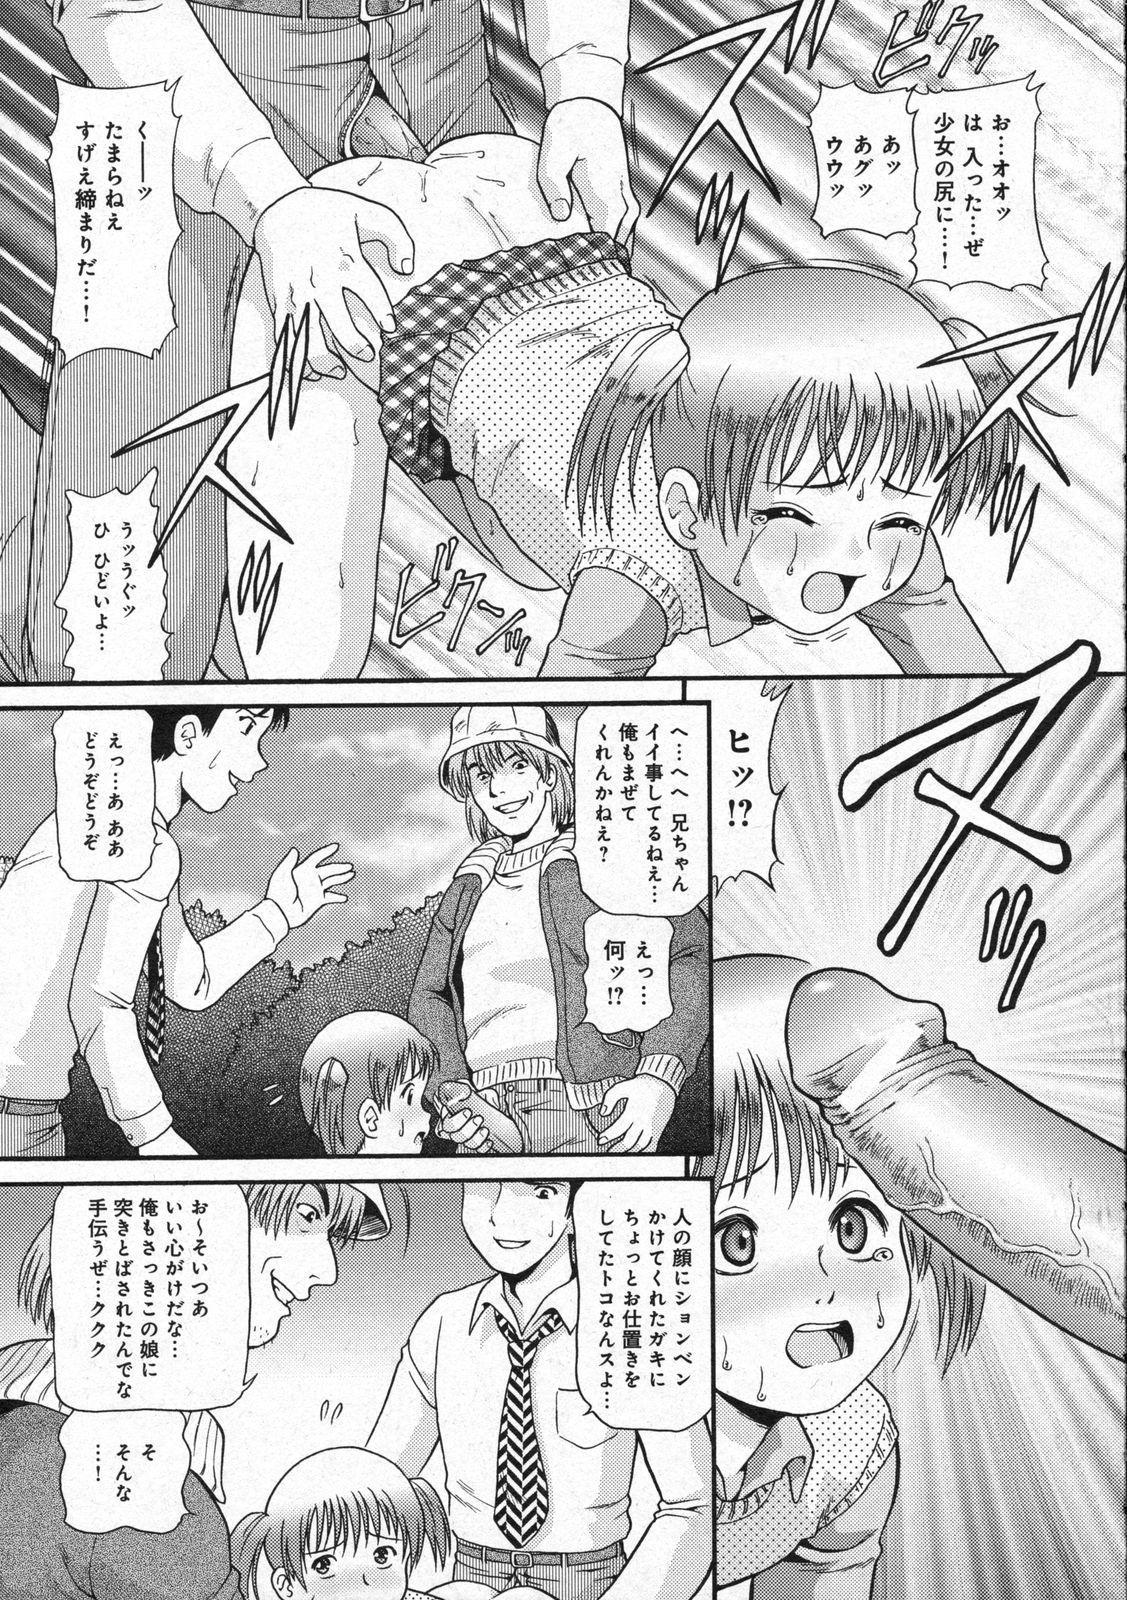 COMIC Moemax Jr. Vol.01 2009-08 92